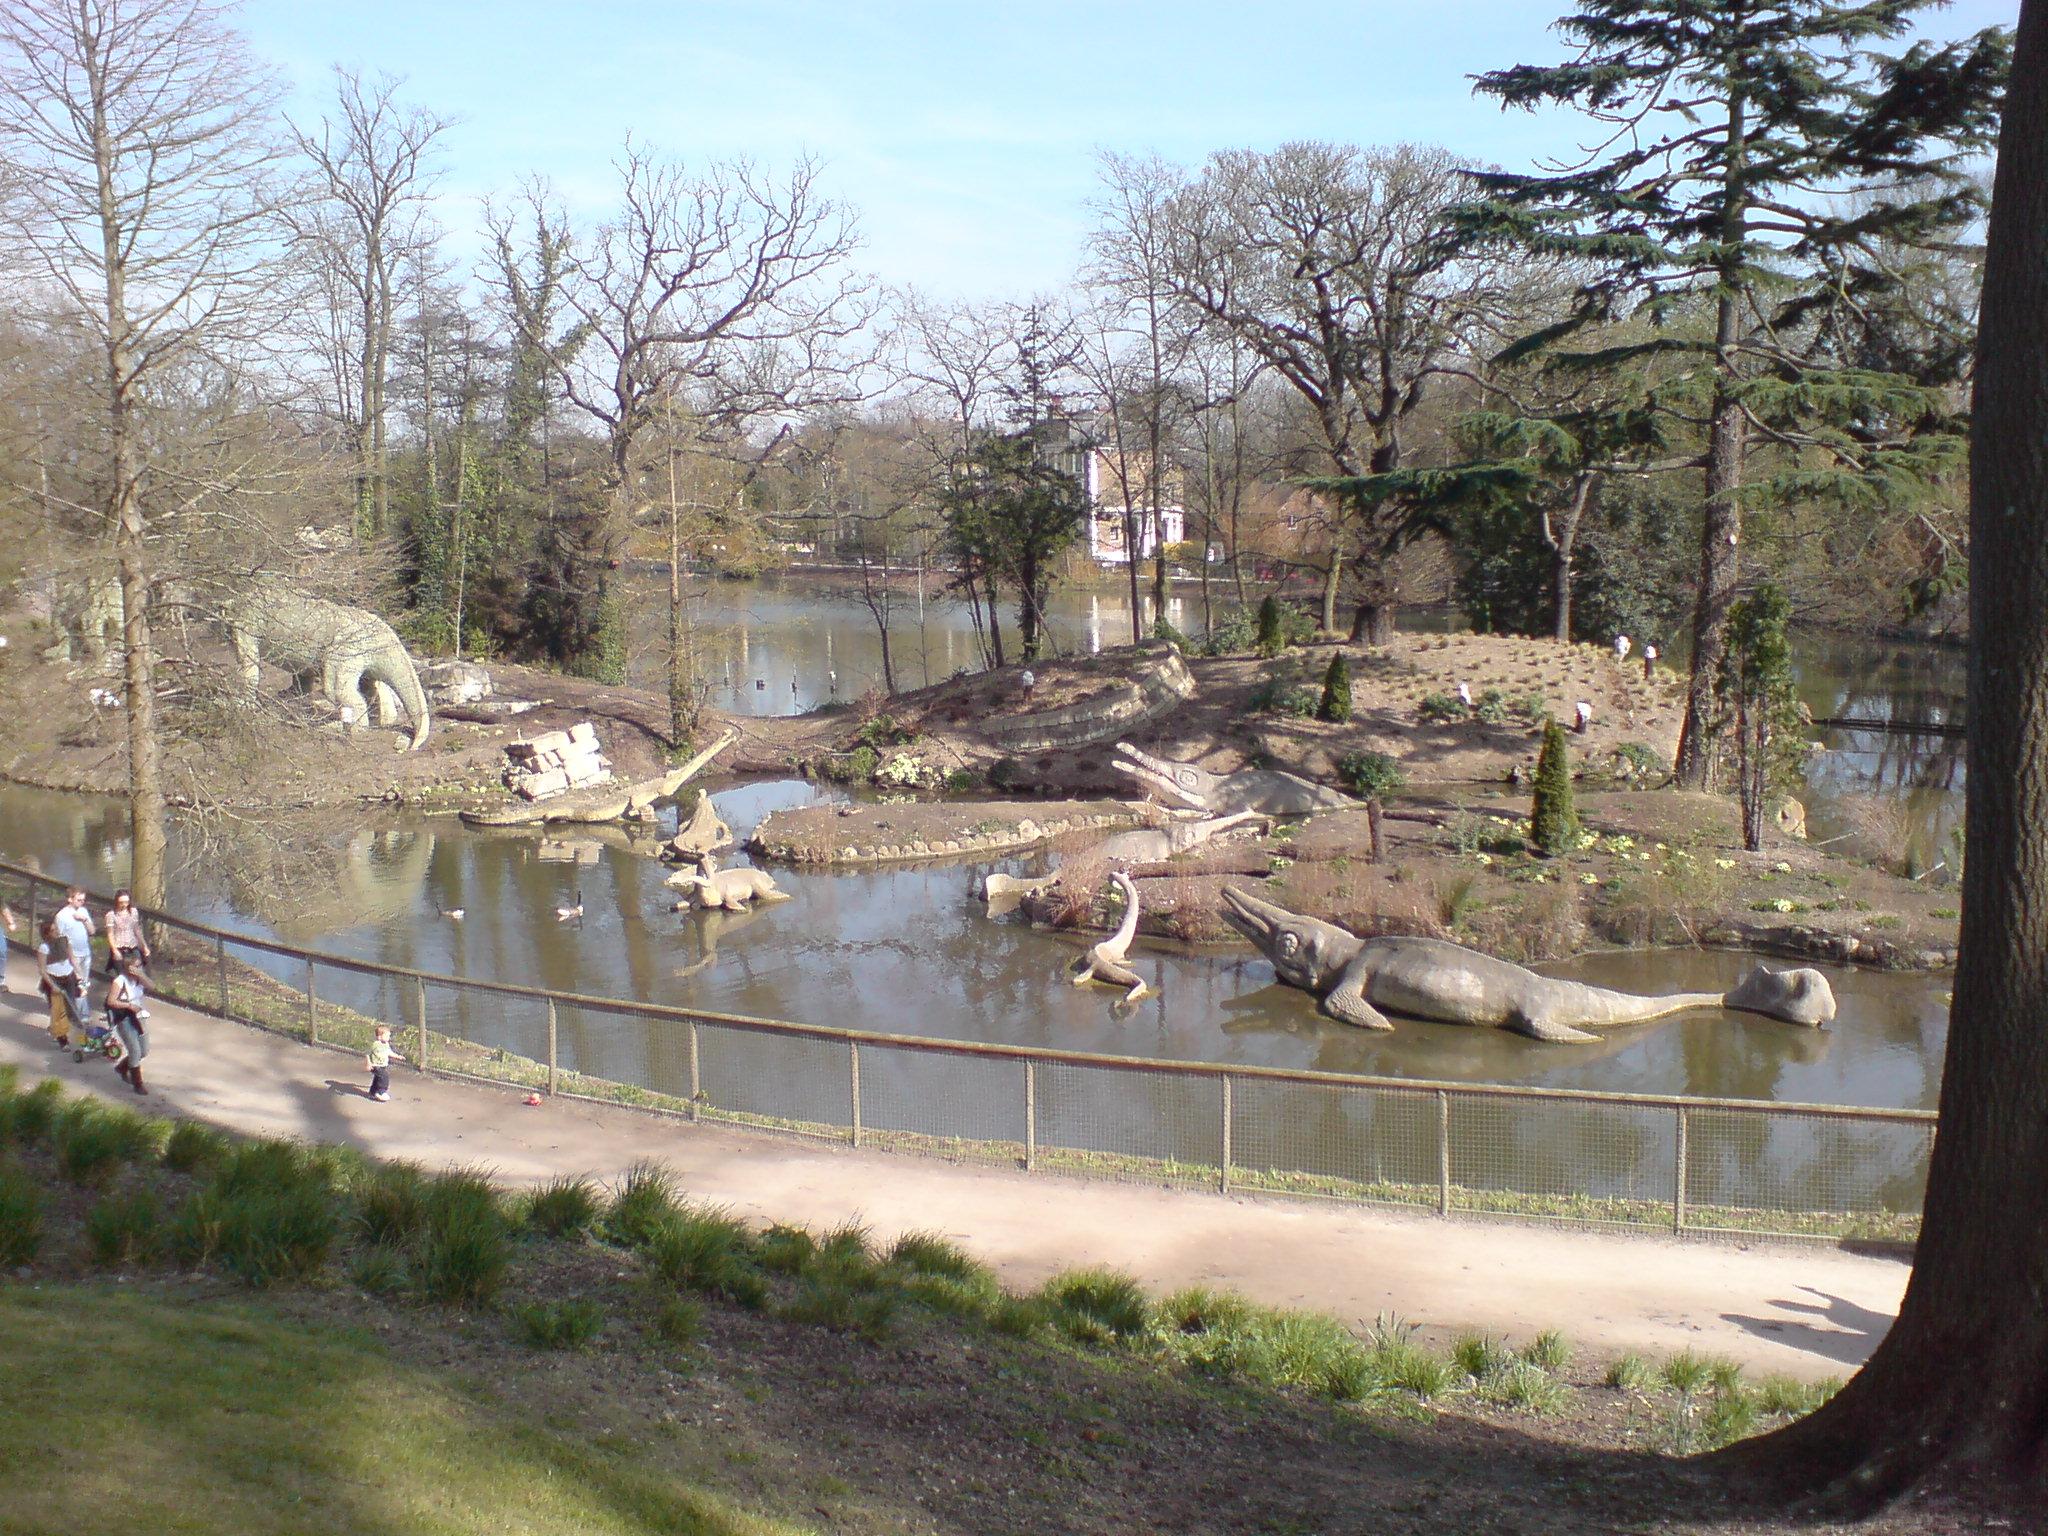 Dinosaurios de Crystal Palace - Wikipedia, la enciclopedia libre